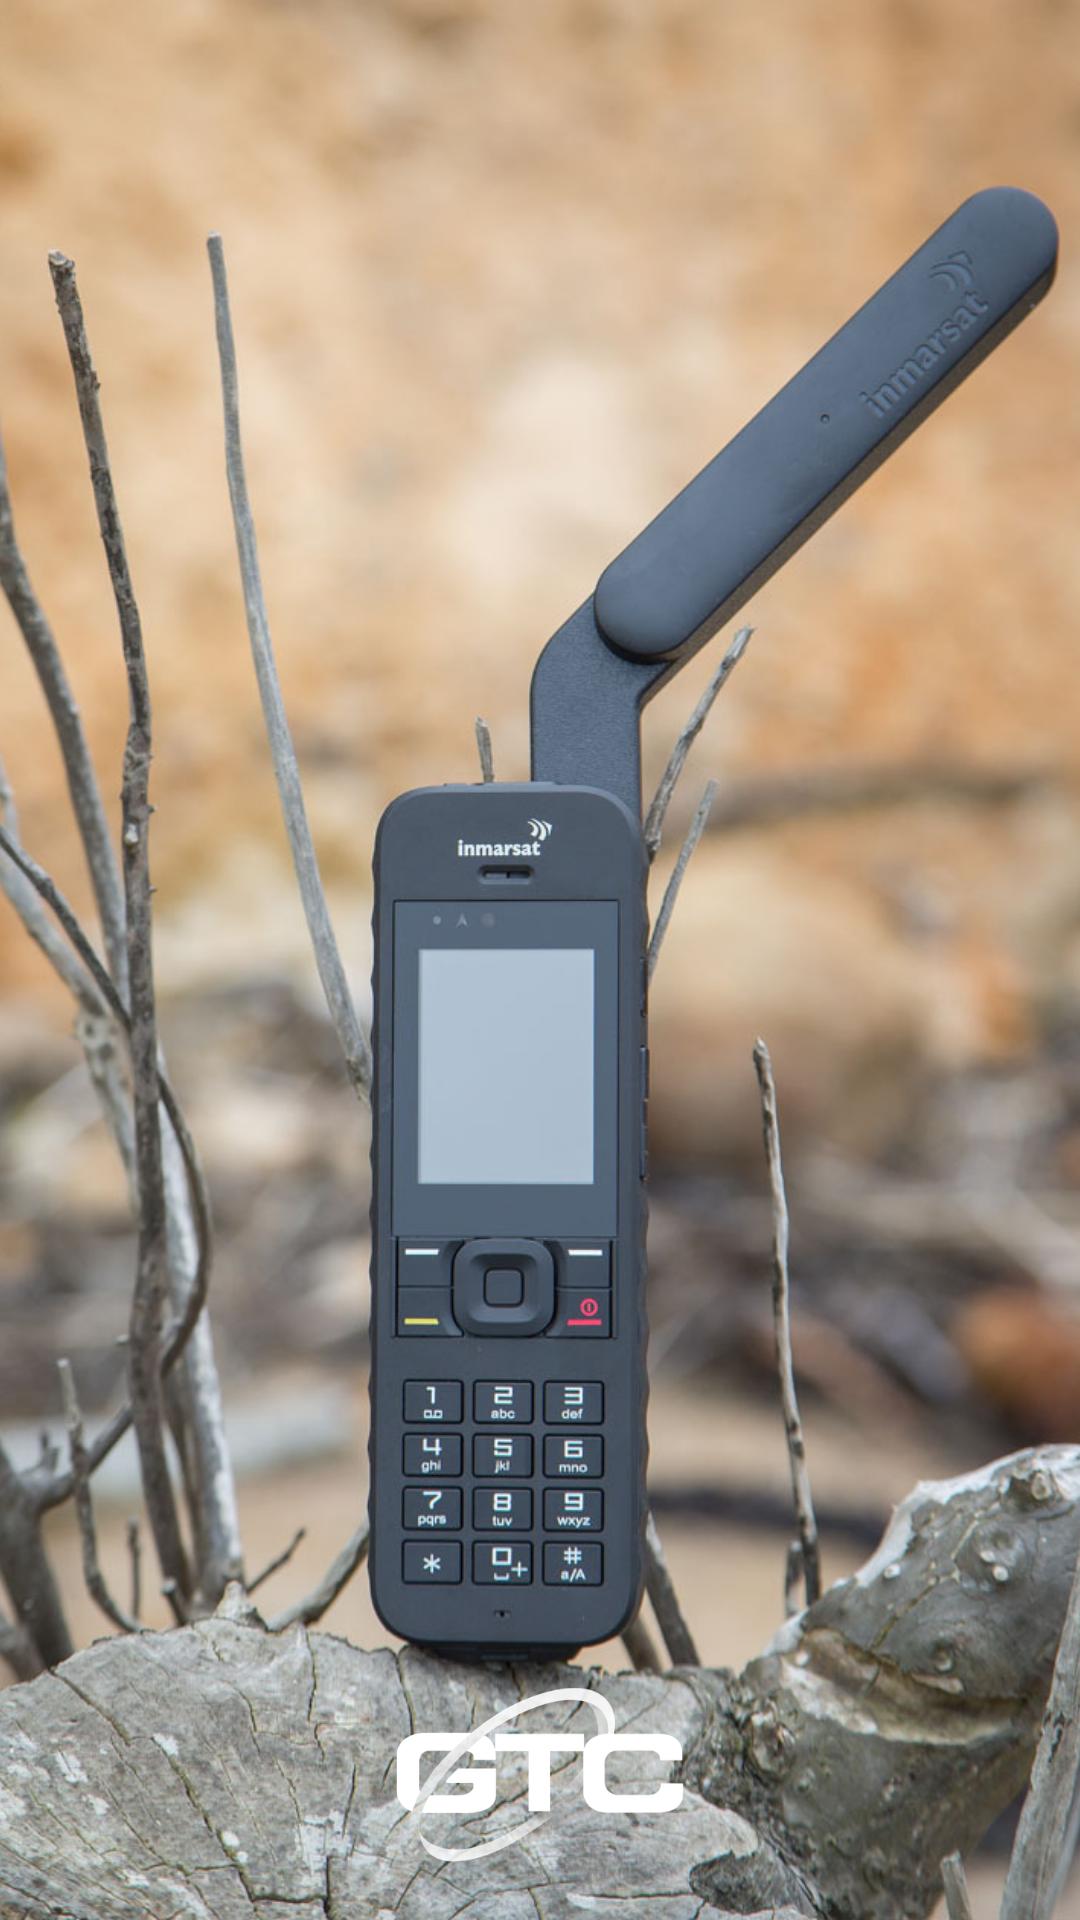 Inmarsat IsatPhone 2 Satellite Phone Handset Satellite